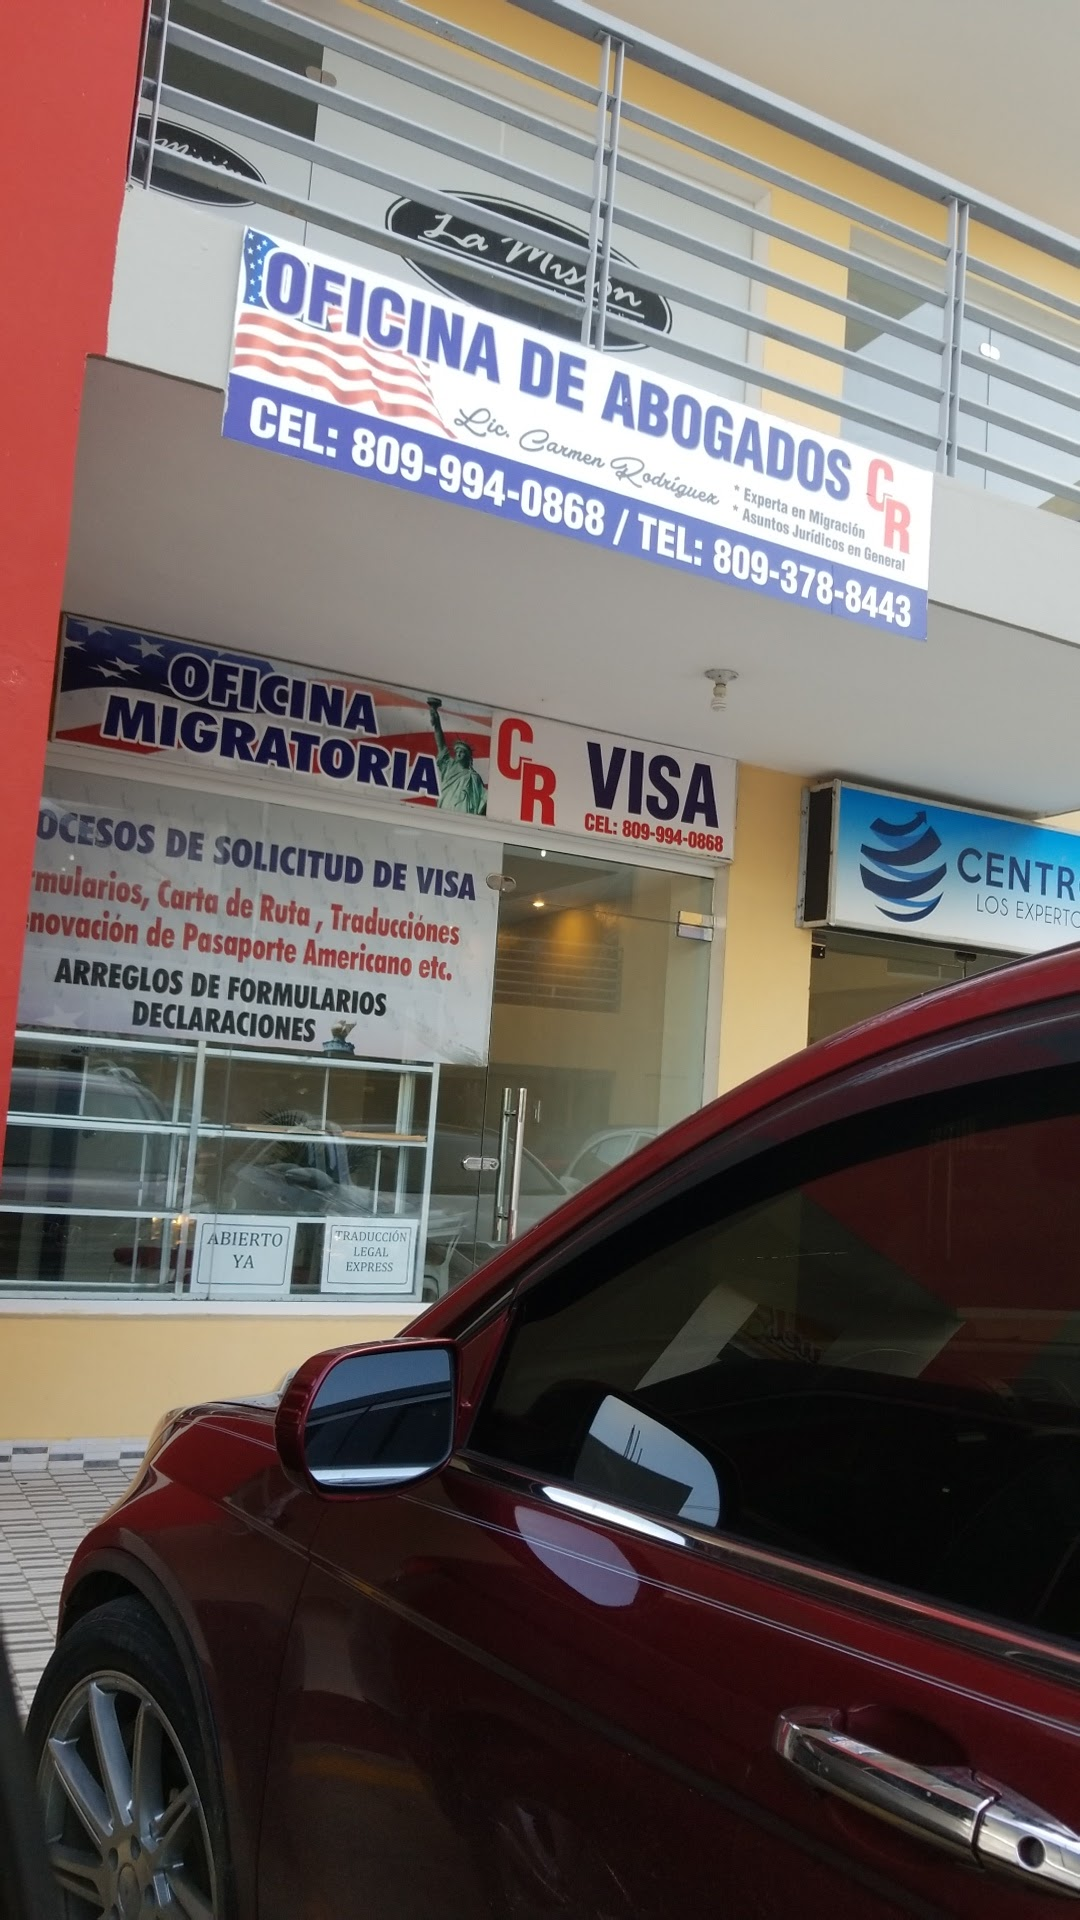 Oficina De Abogados CR